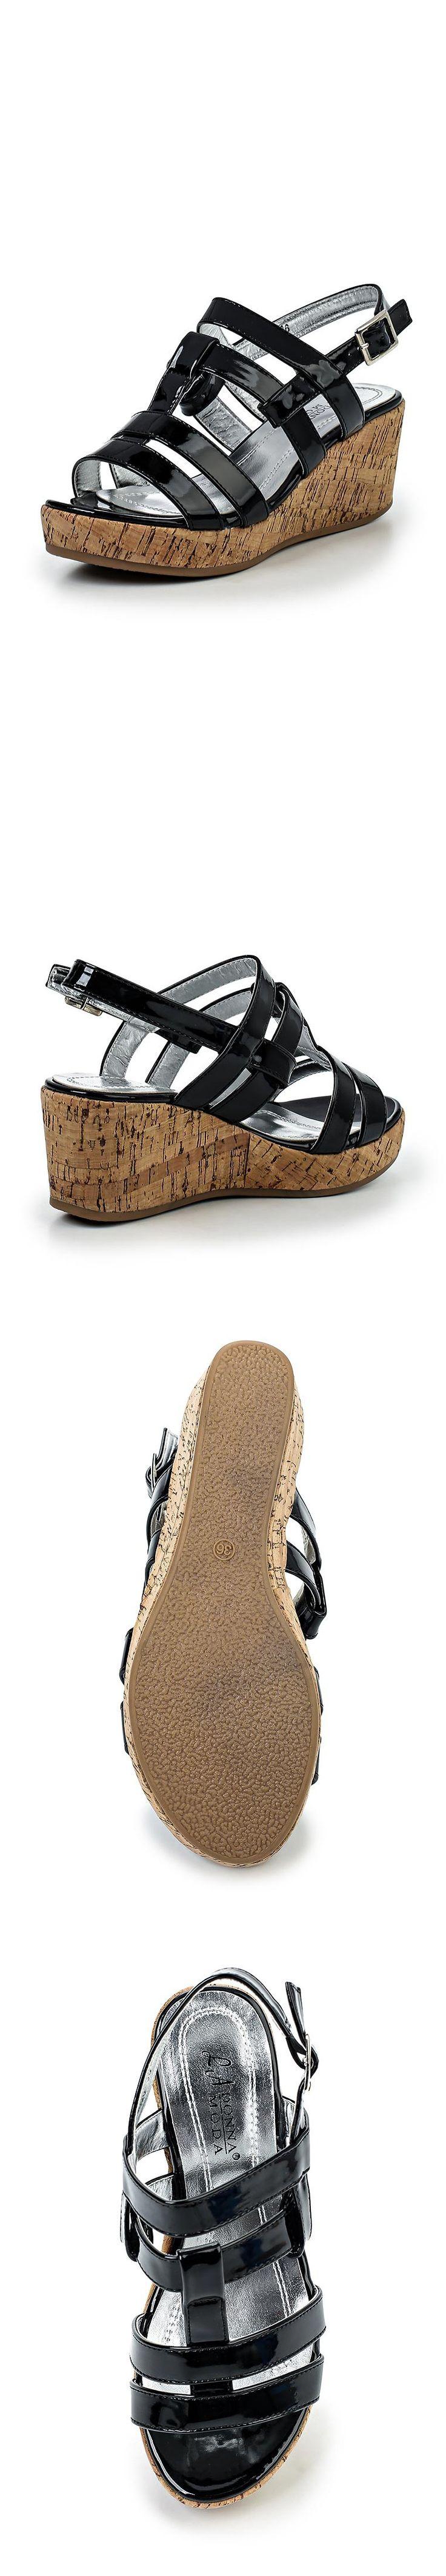 Женская обувь босоножки Donna Moda за 2030.00 руб.